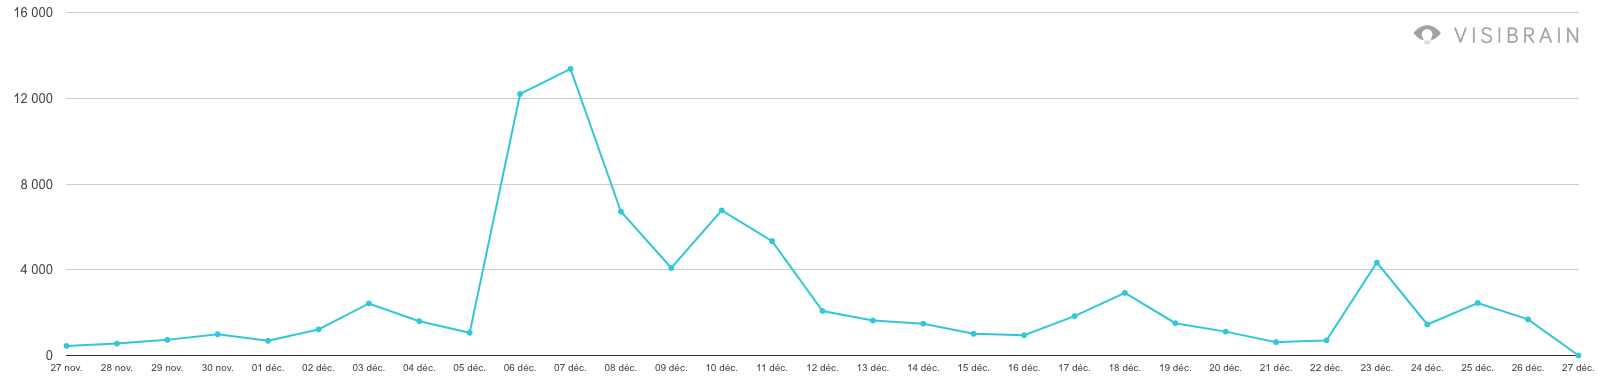 graphique de la campagne soyonshumains